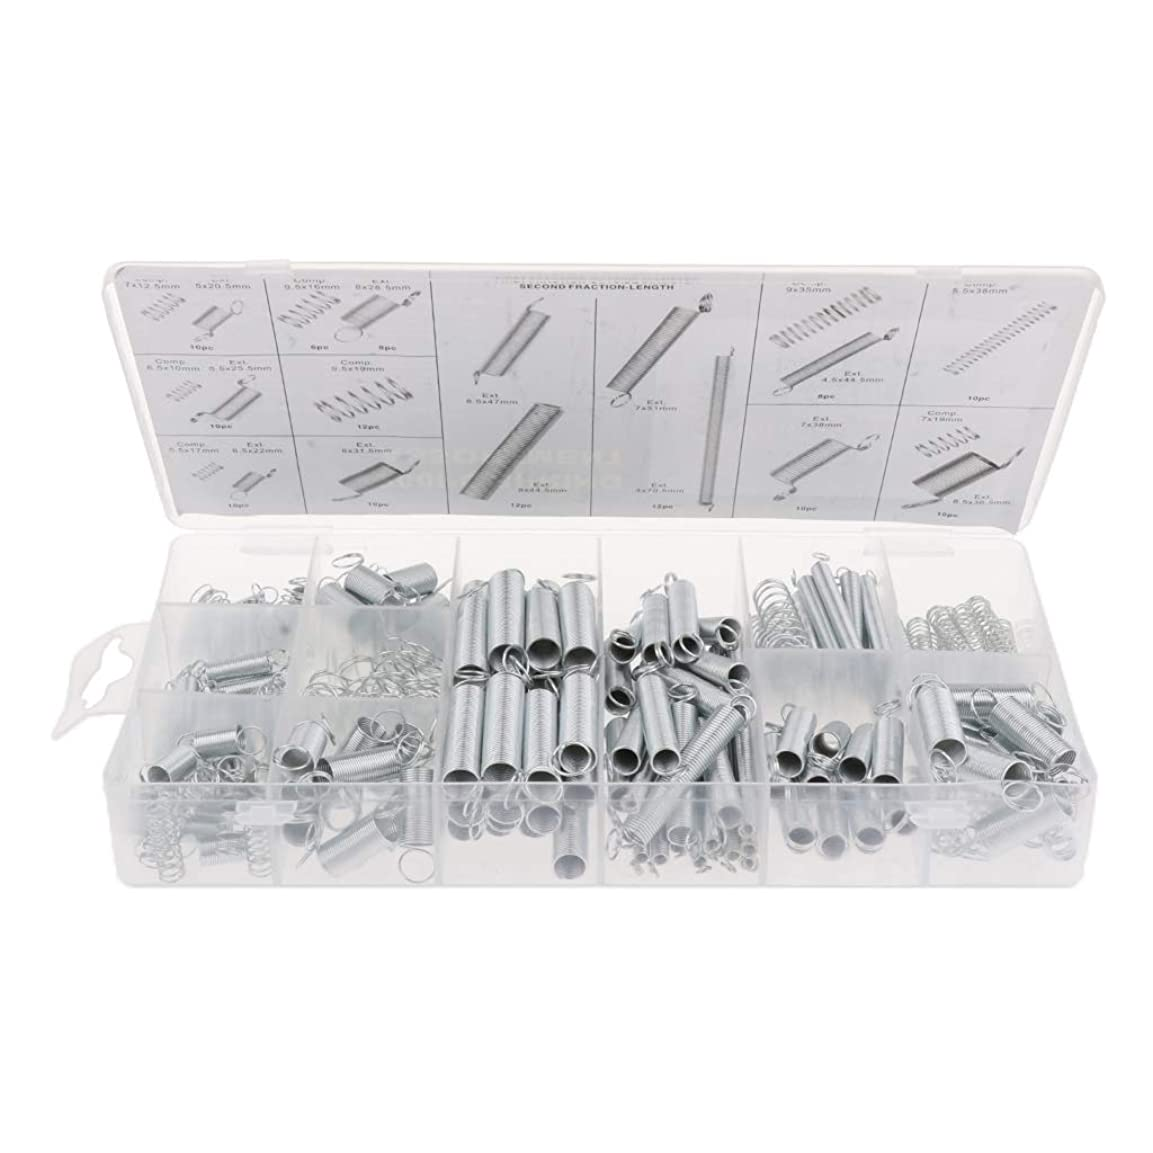 バター組家引張りばね 圧縮スプリング 伸縮スプリング 20種 DIY 耐久性 交換用 約200個入り